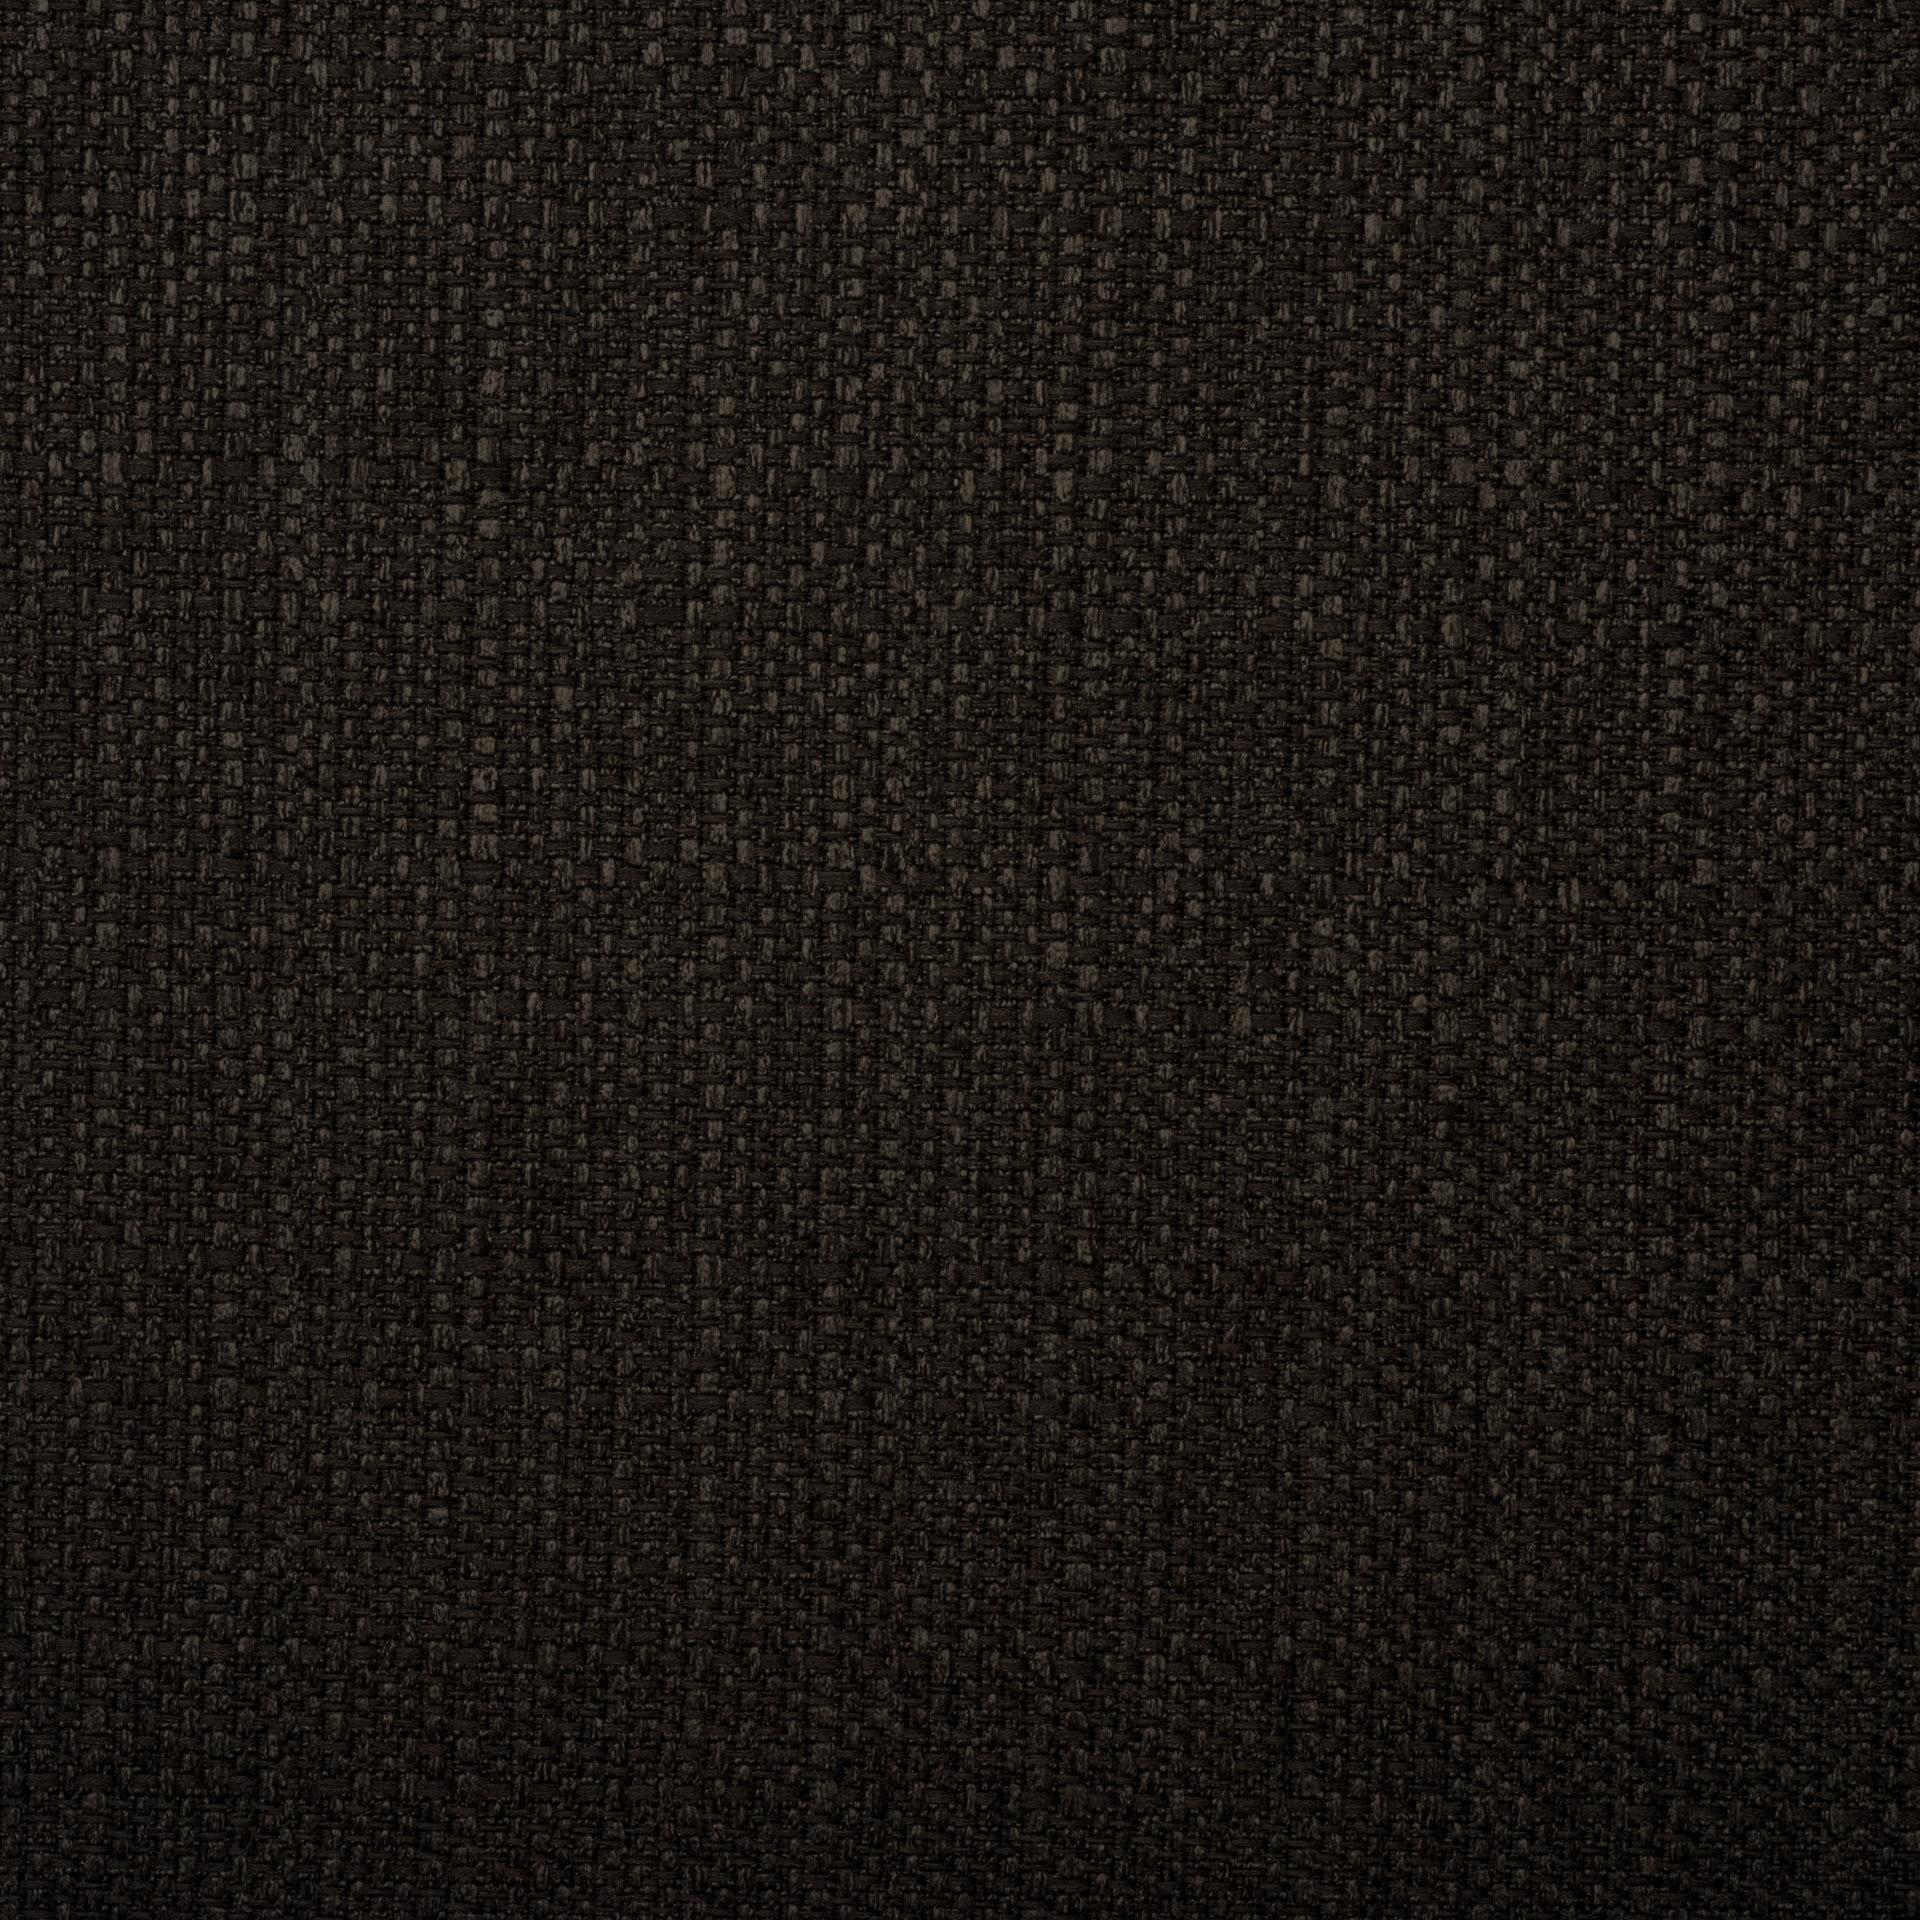 Коллекция ткани Портленд ANTRACITE 96,  купить ткань Рогожка для мебели Украина